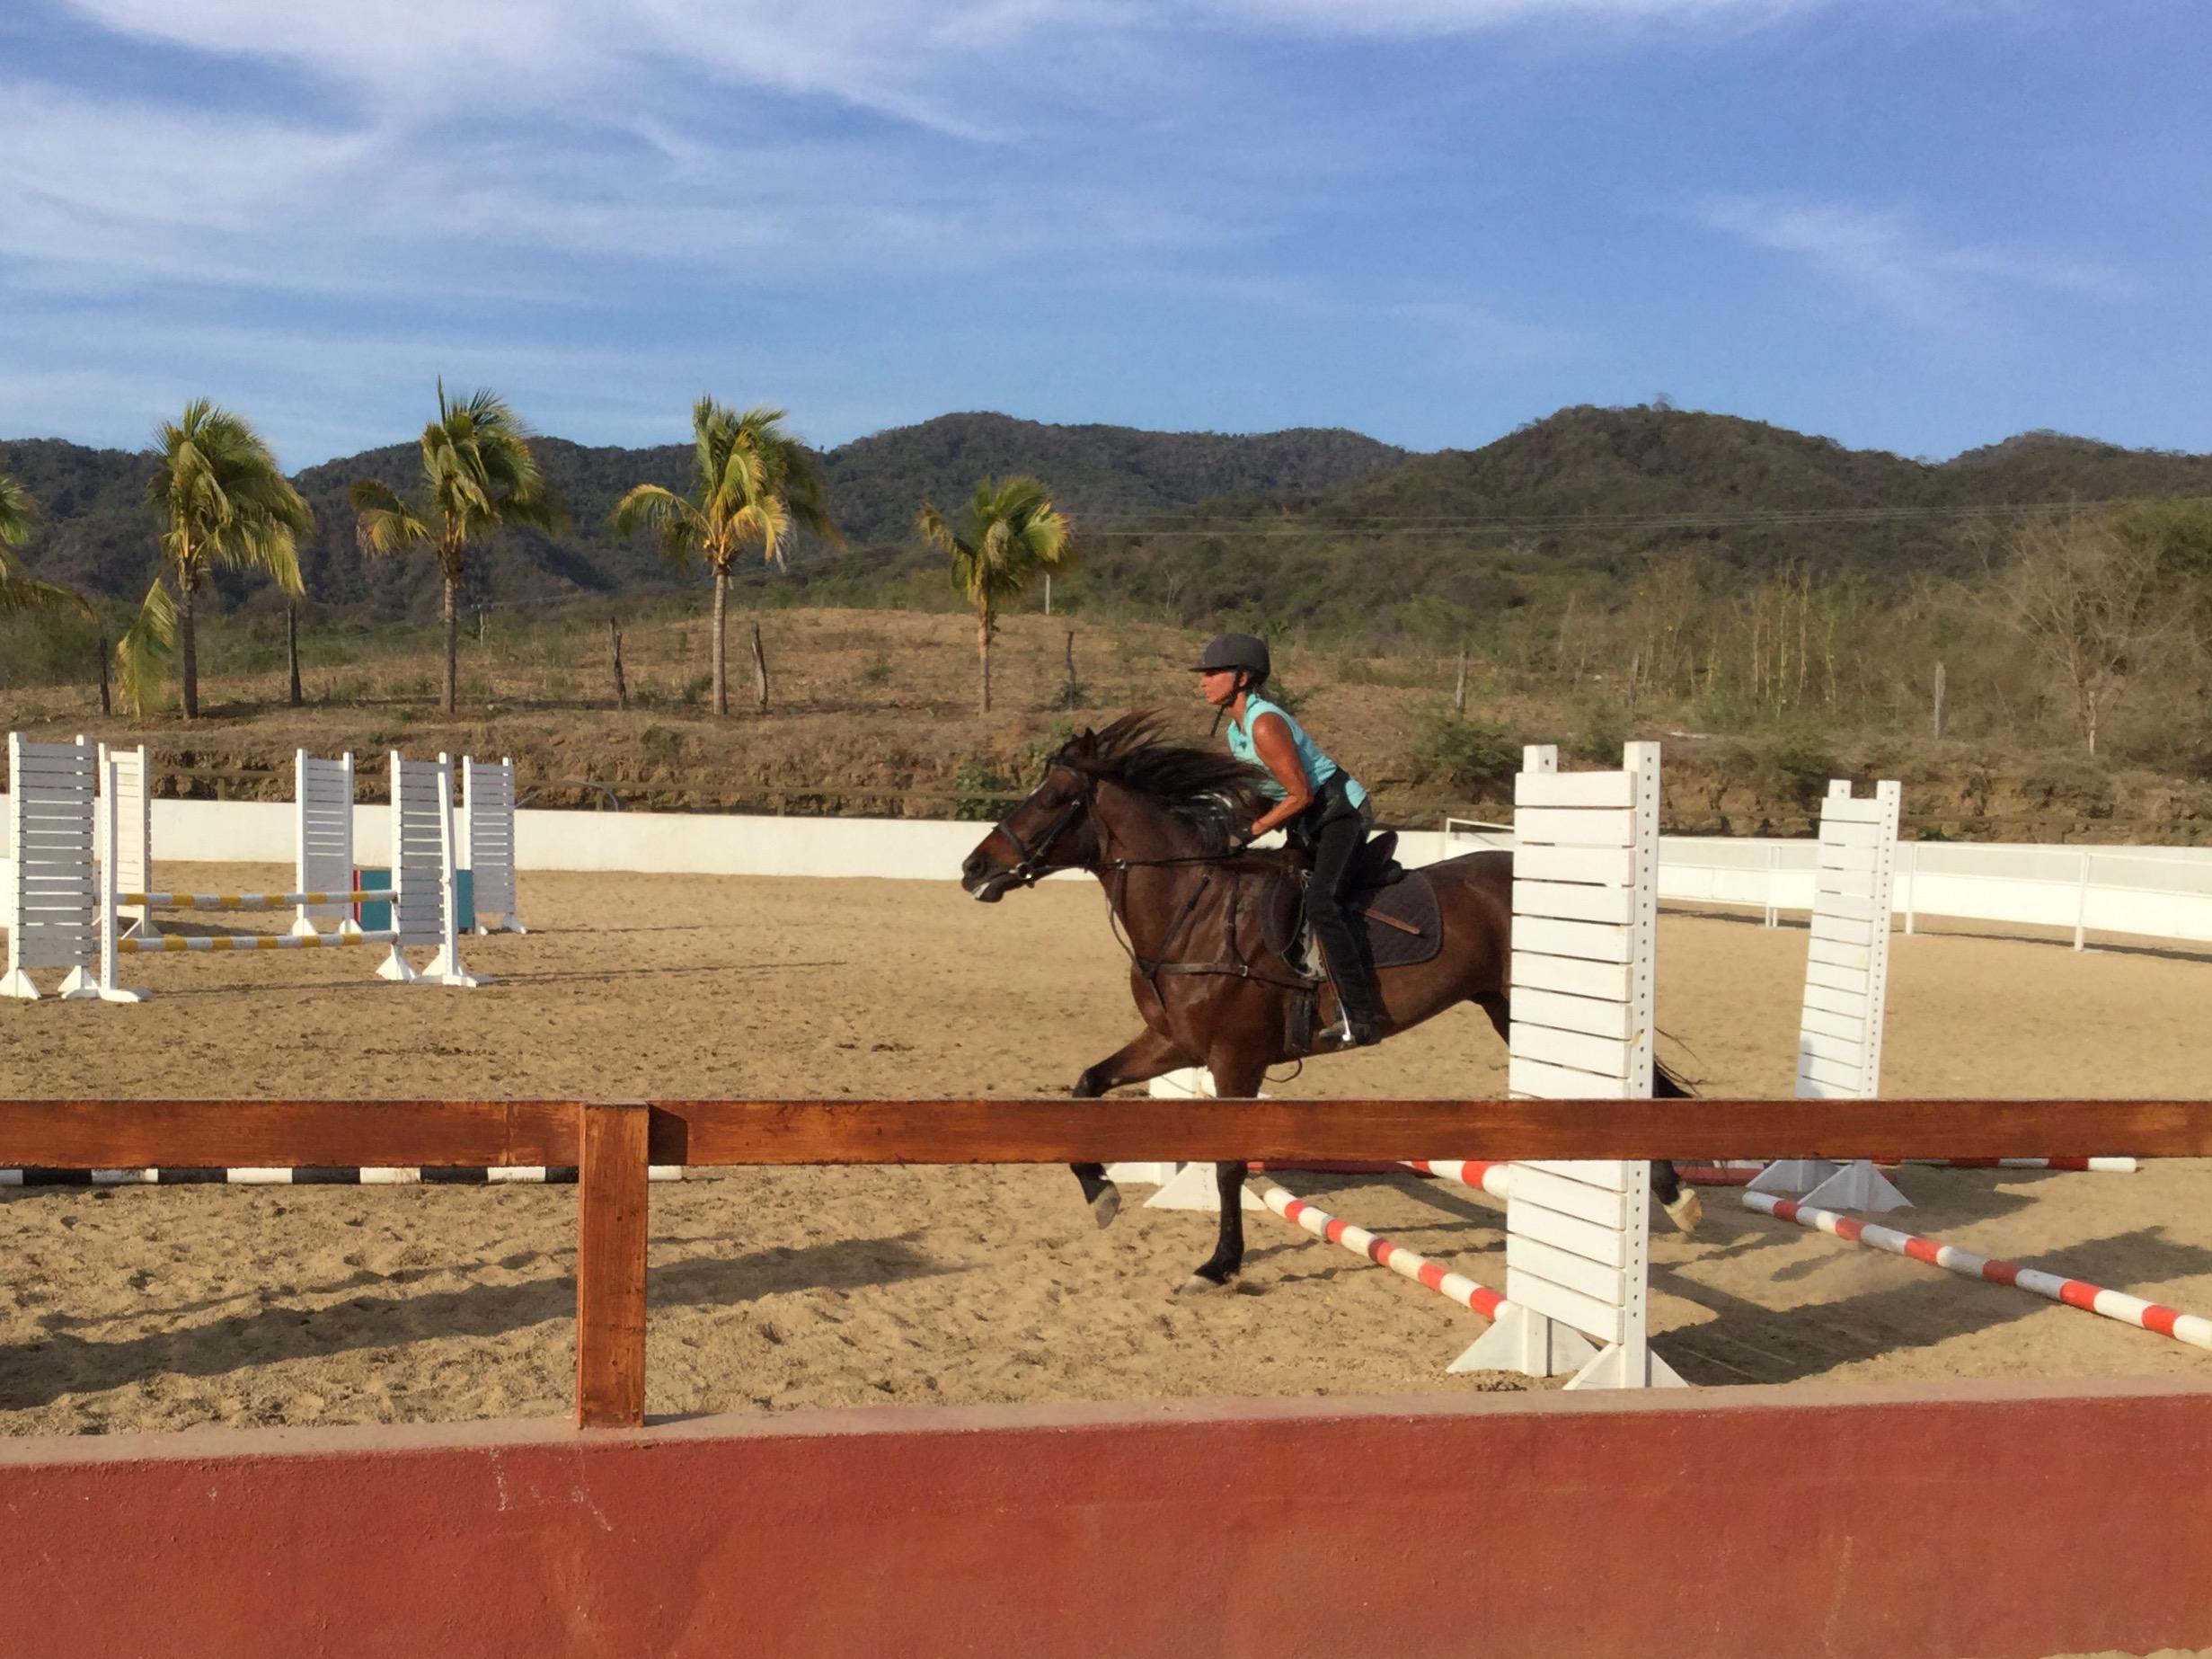 Karen doing a beautiful jump.